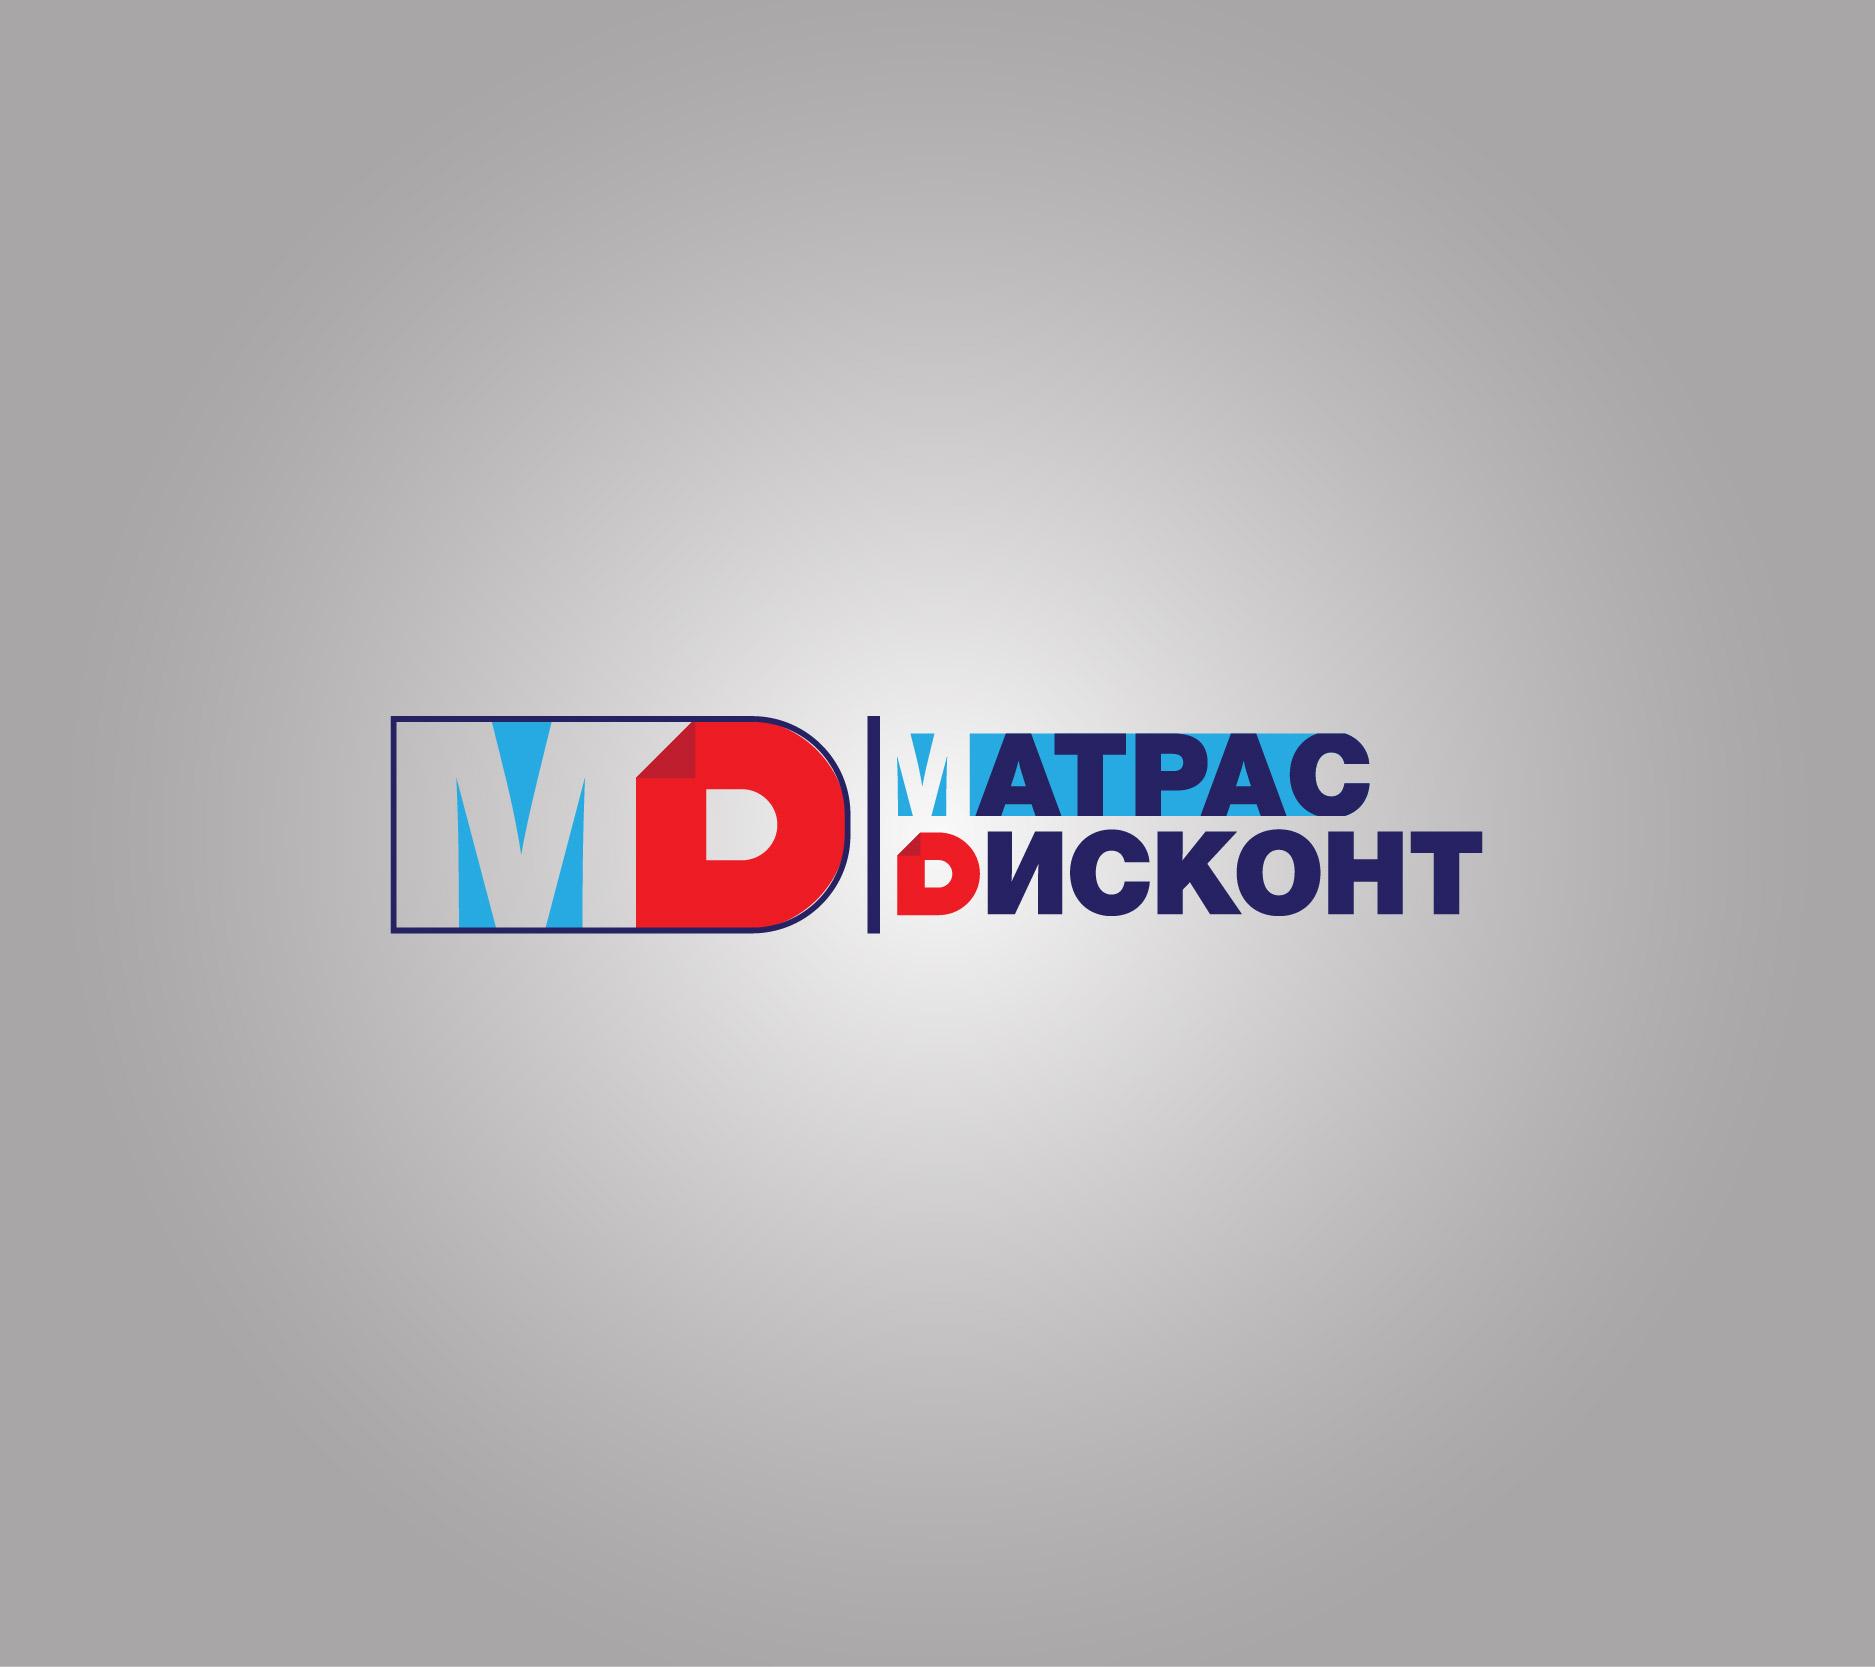 Логотип для ИМ матрасов фото f_0265c90934389c61.jpg